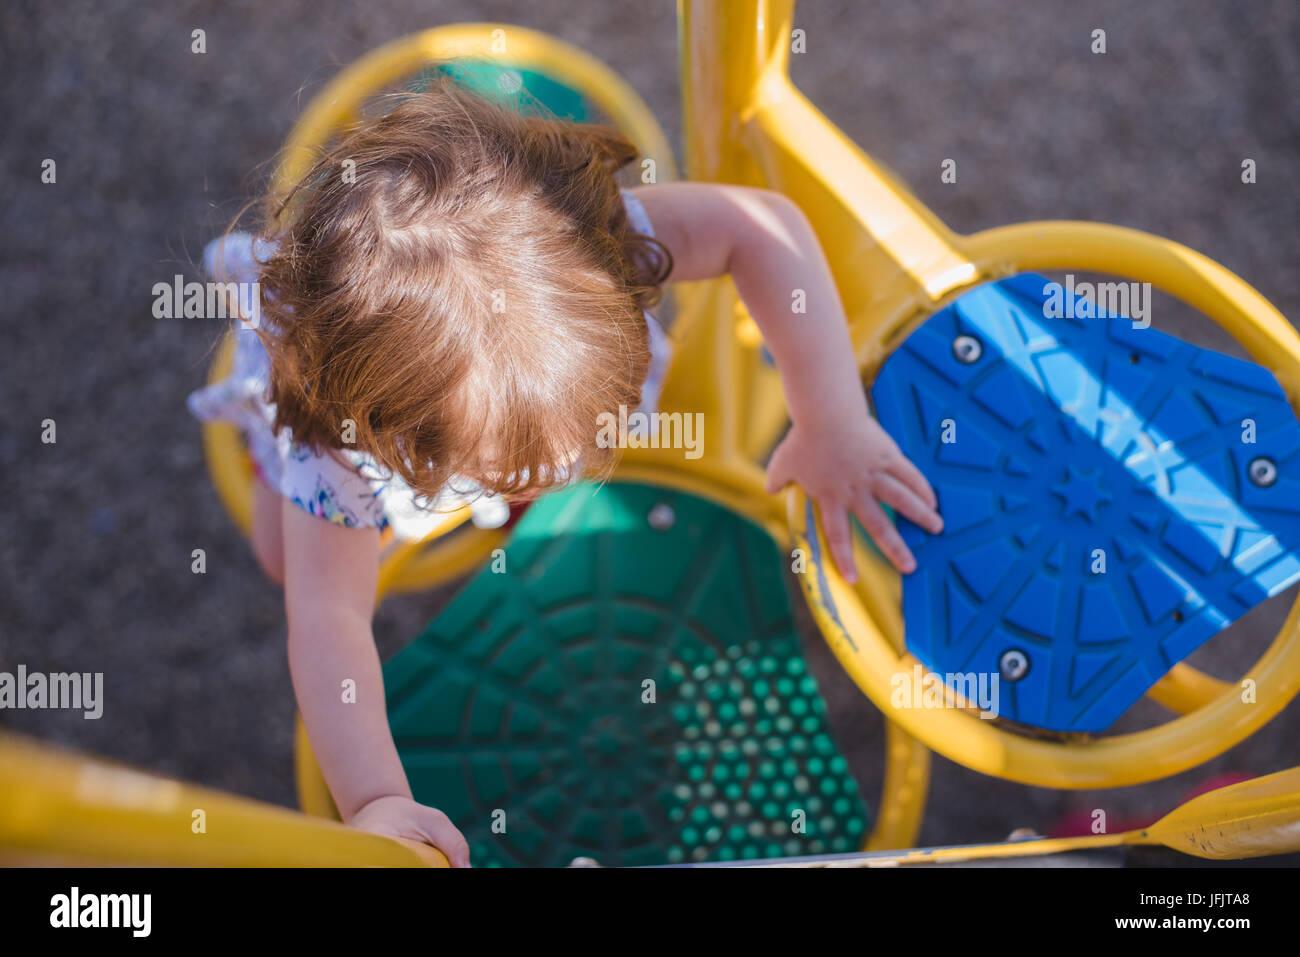 Una chica joven, sube en equipos de juegos en el sol vistiendo zapatos de color rojo brillante. Imagen De Stock